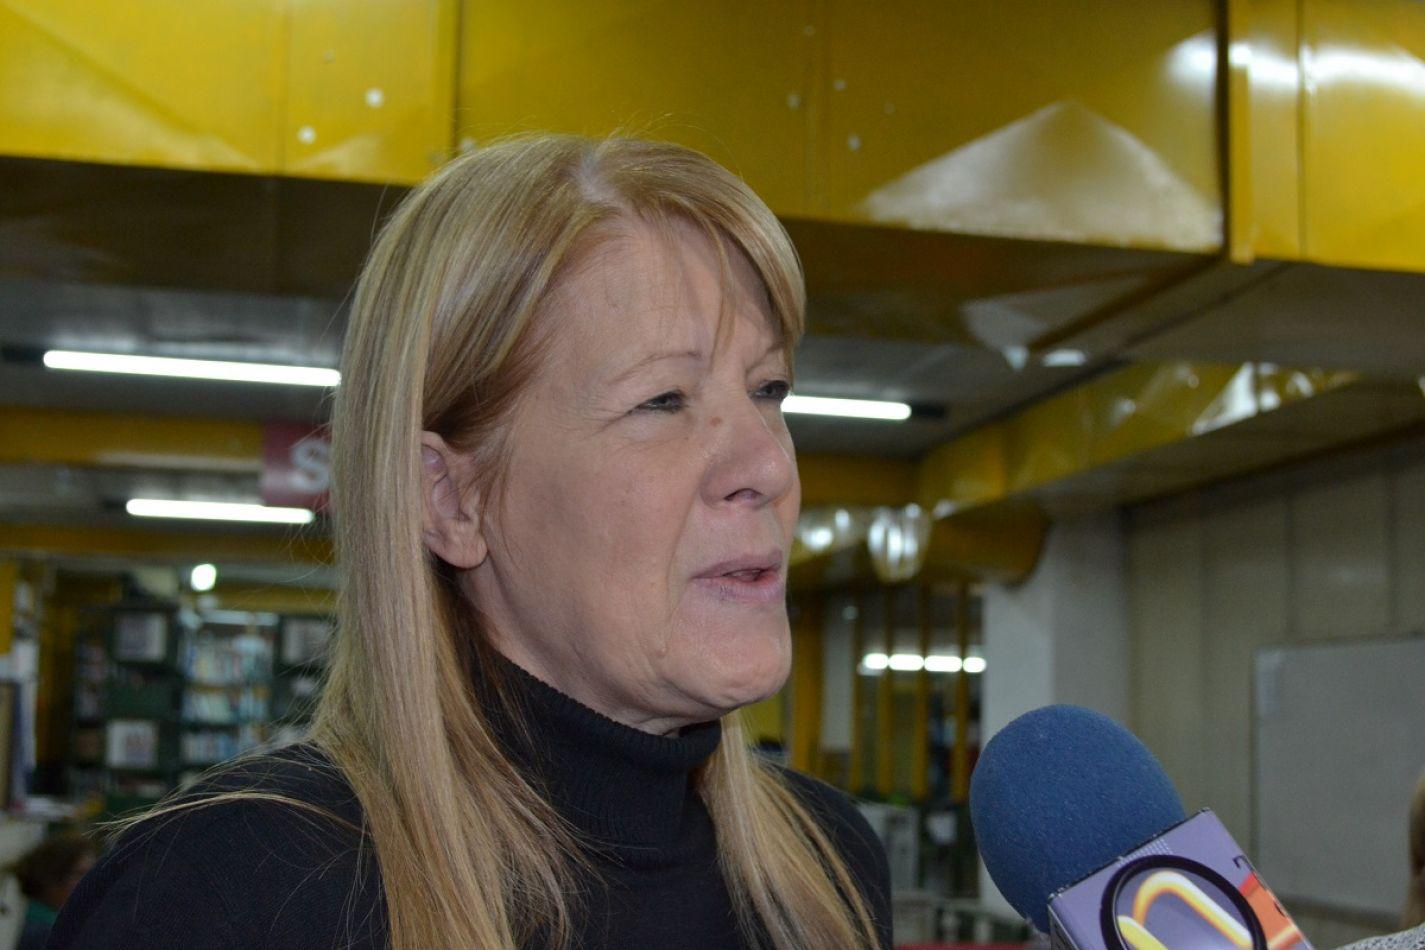 La líder del GEN compartirá una disertación con la Dra. Carmen Bataini.